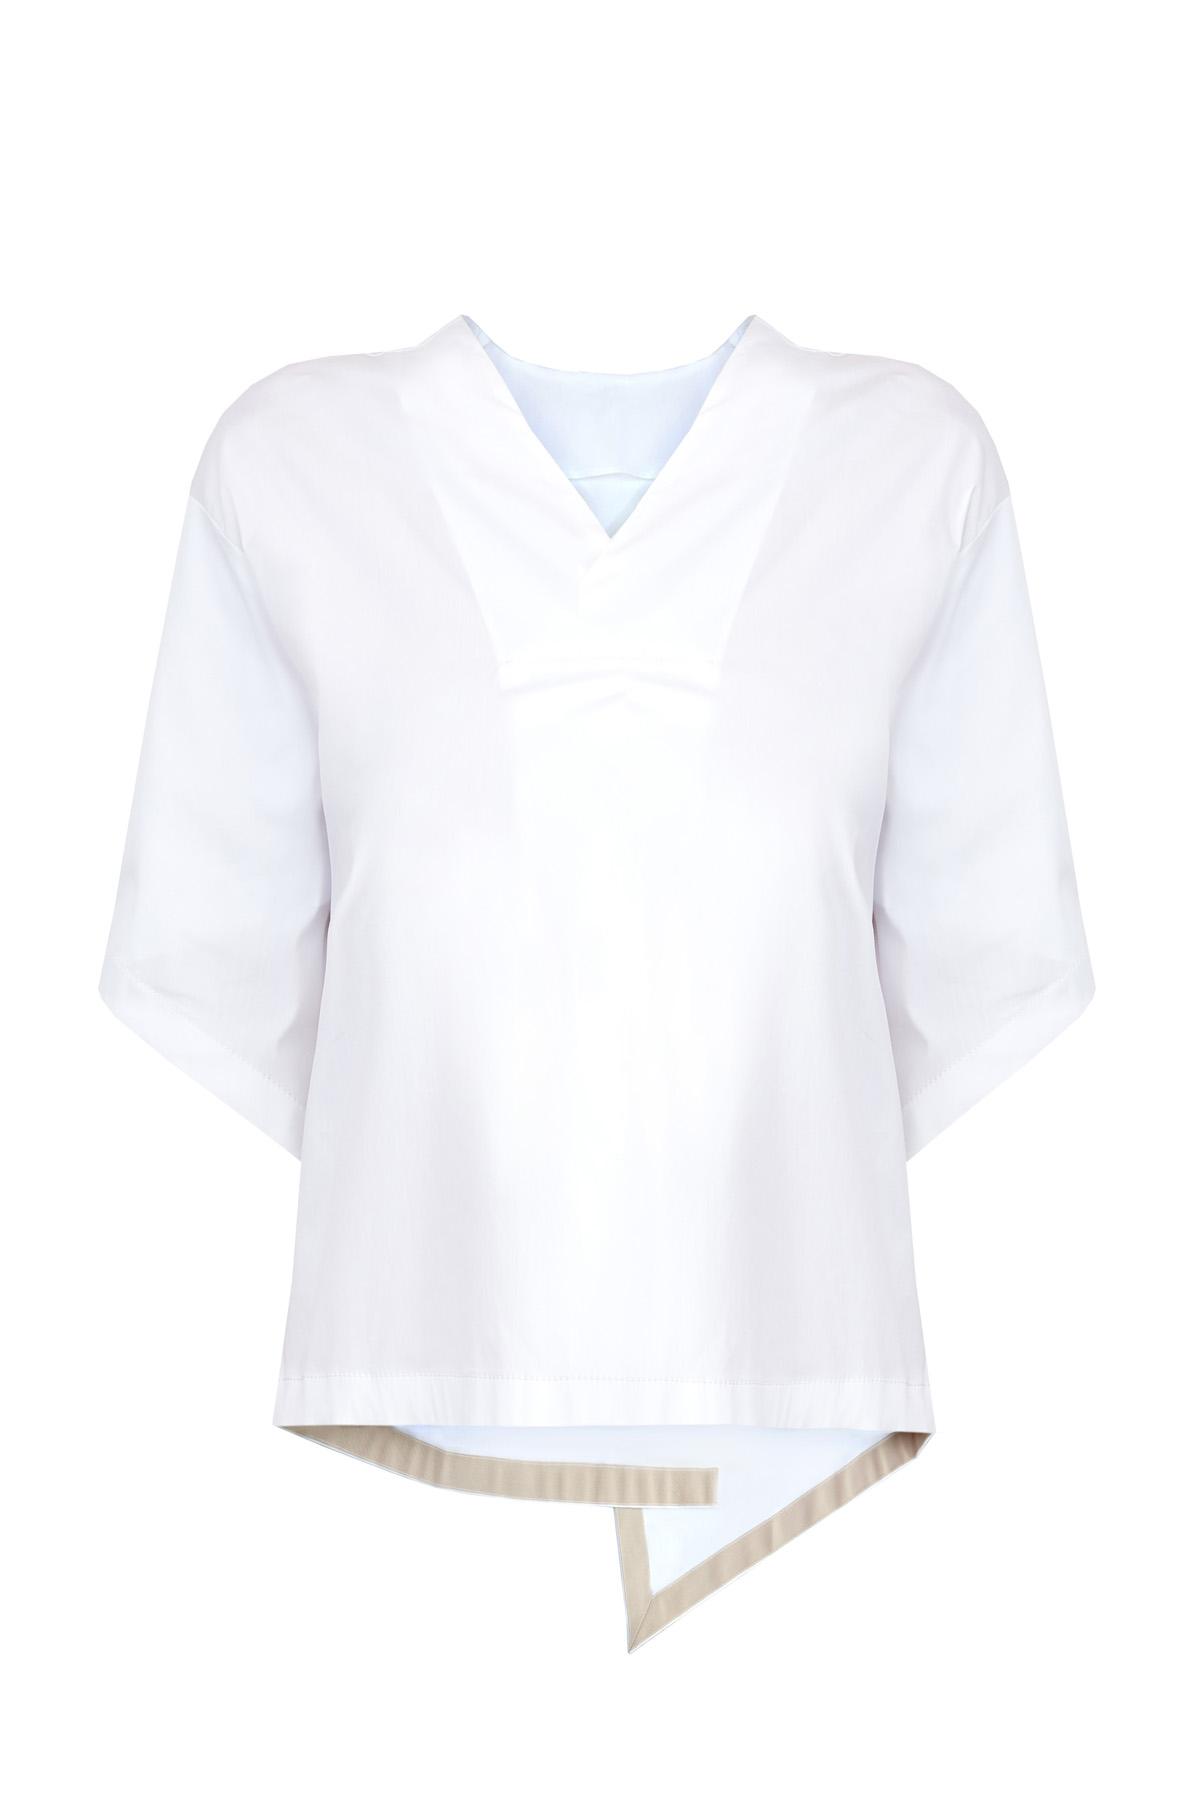 Купить Блуза асимметричного oversize-кроя из плотного хлопка, LORENA ANTONIAZZI, Италия, хлопок 72%, полиамид 23%, эластан 5%